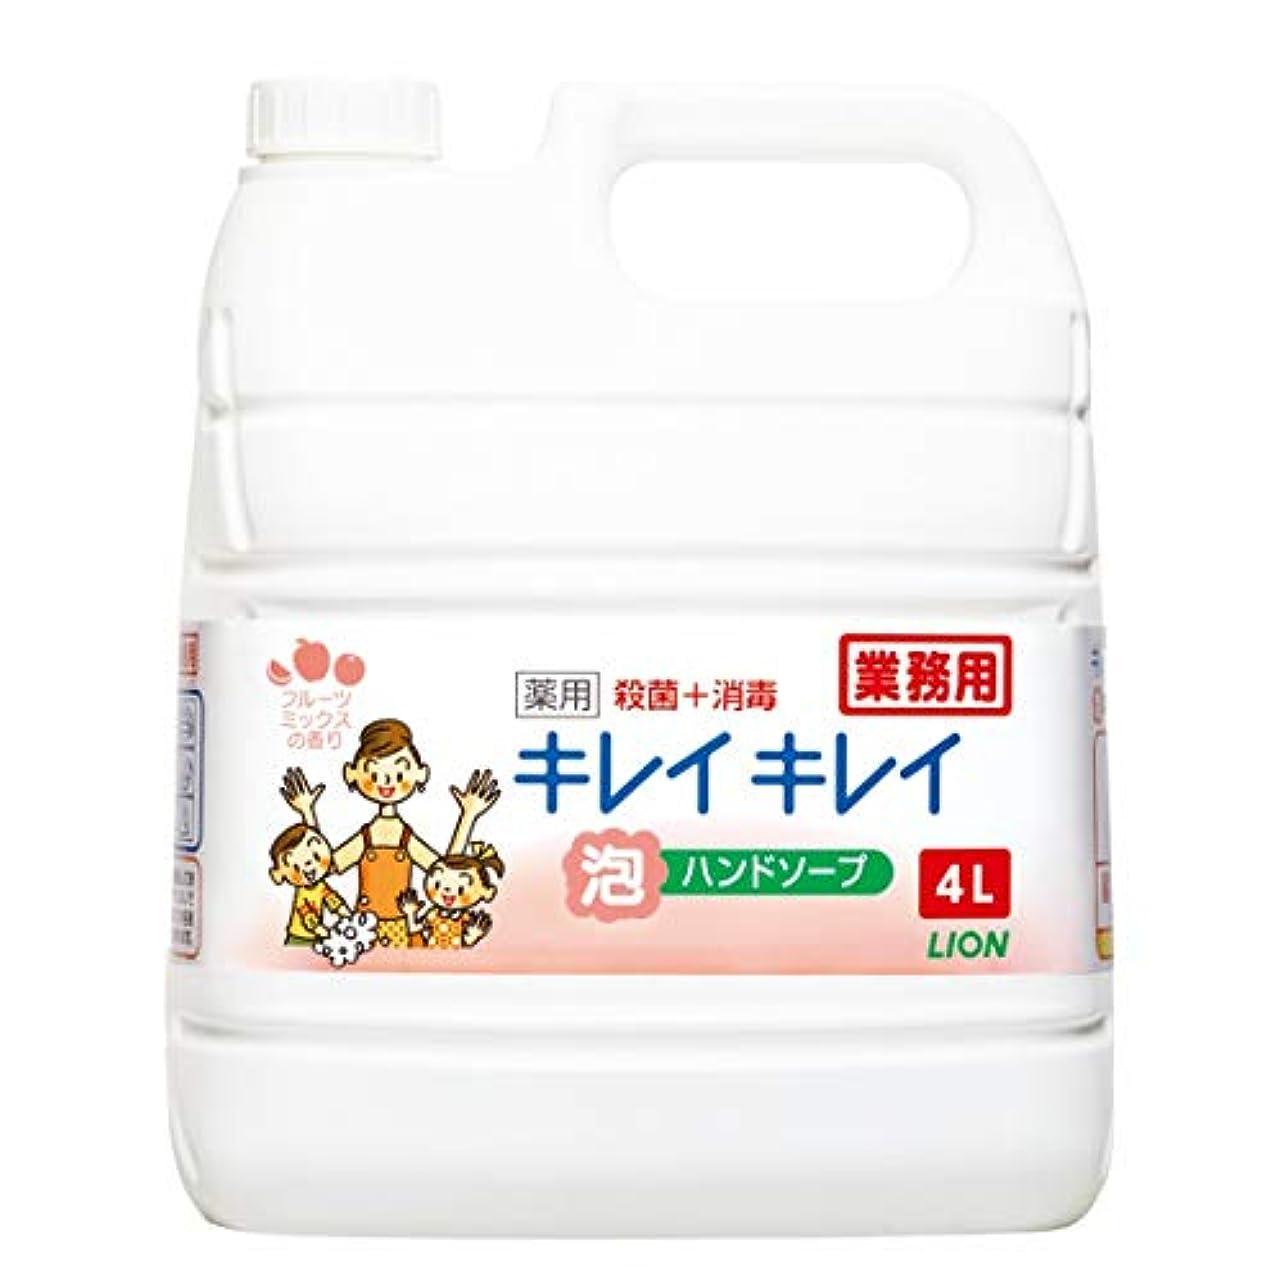 なめるキロメートル【業務用 大容量】キレイキレイ 薬用 泡ハンドソープフルーツミックスの香り 4L(医薬部外品)